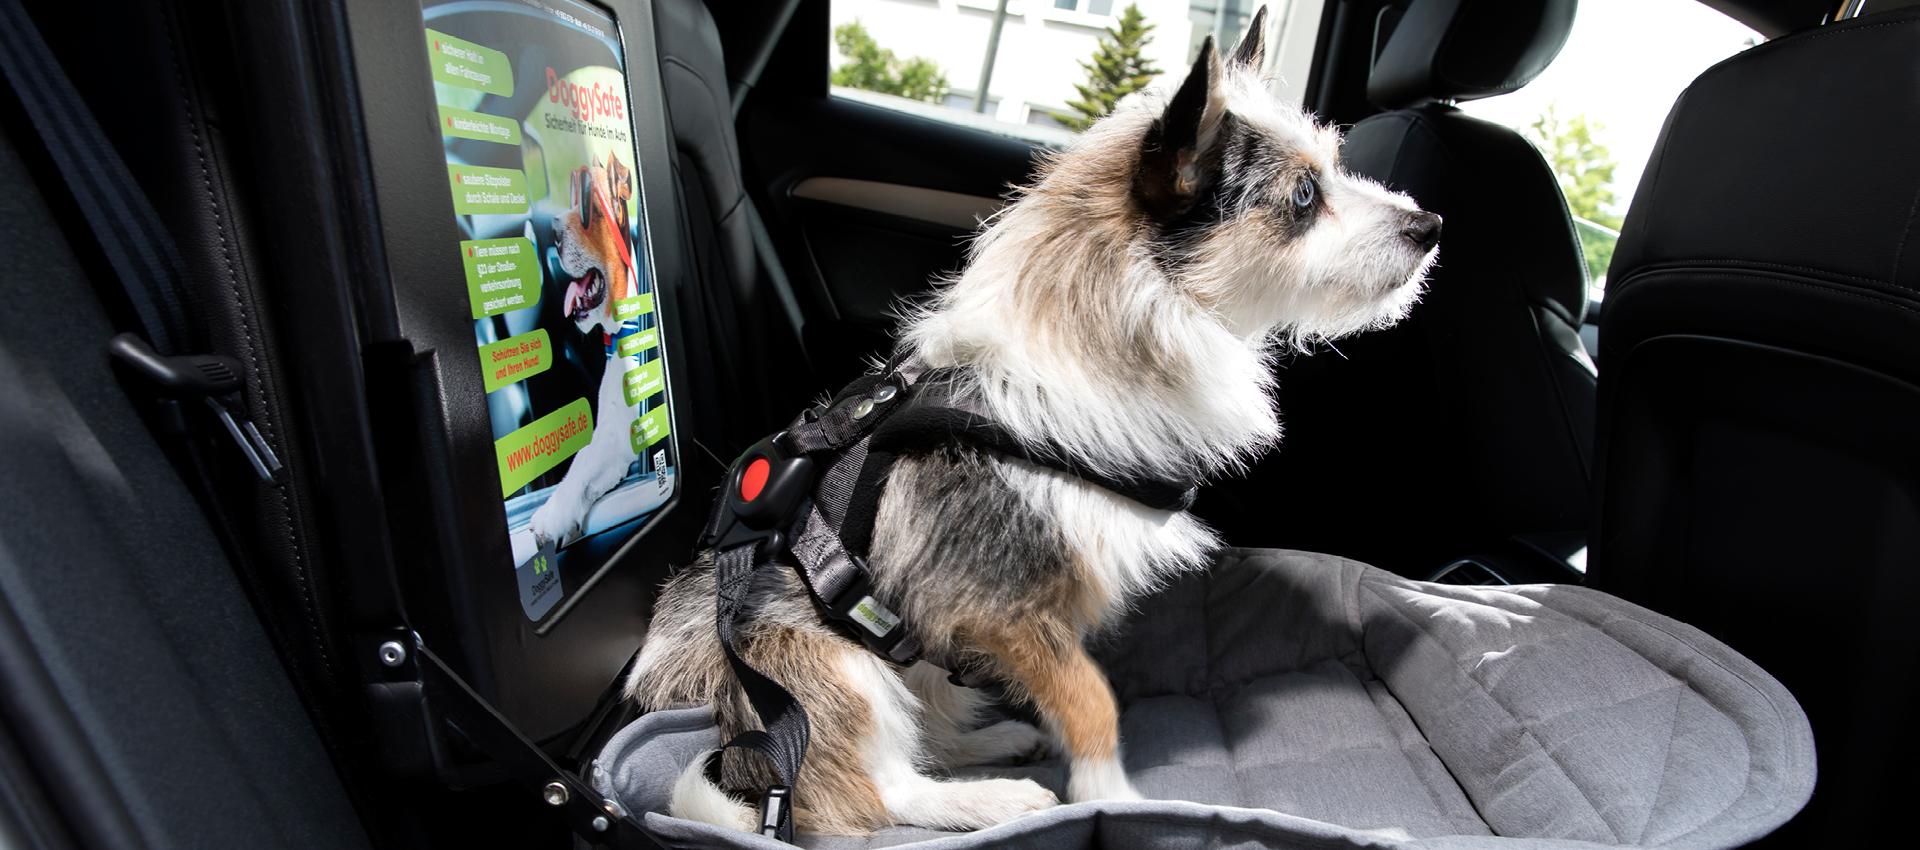 DoggySafe - Hunde Autositz für kleine Hunde - Darstellung im Auto